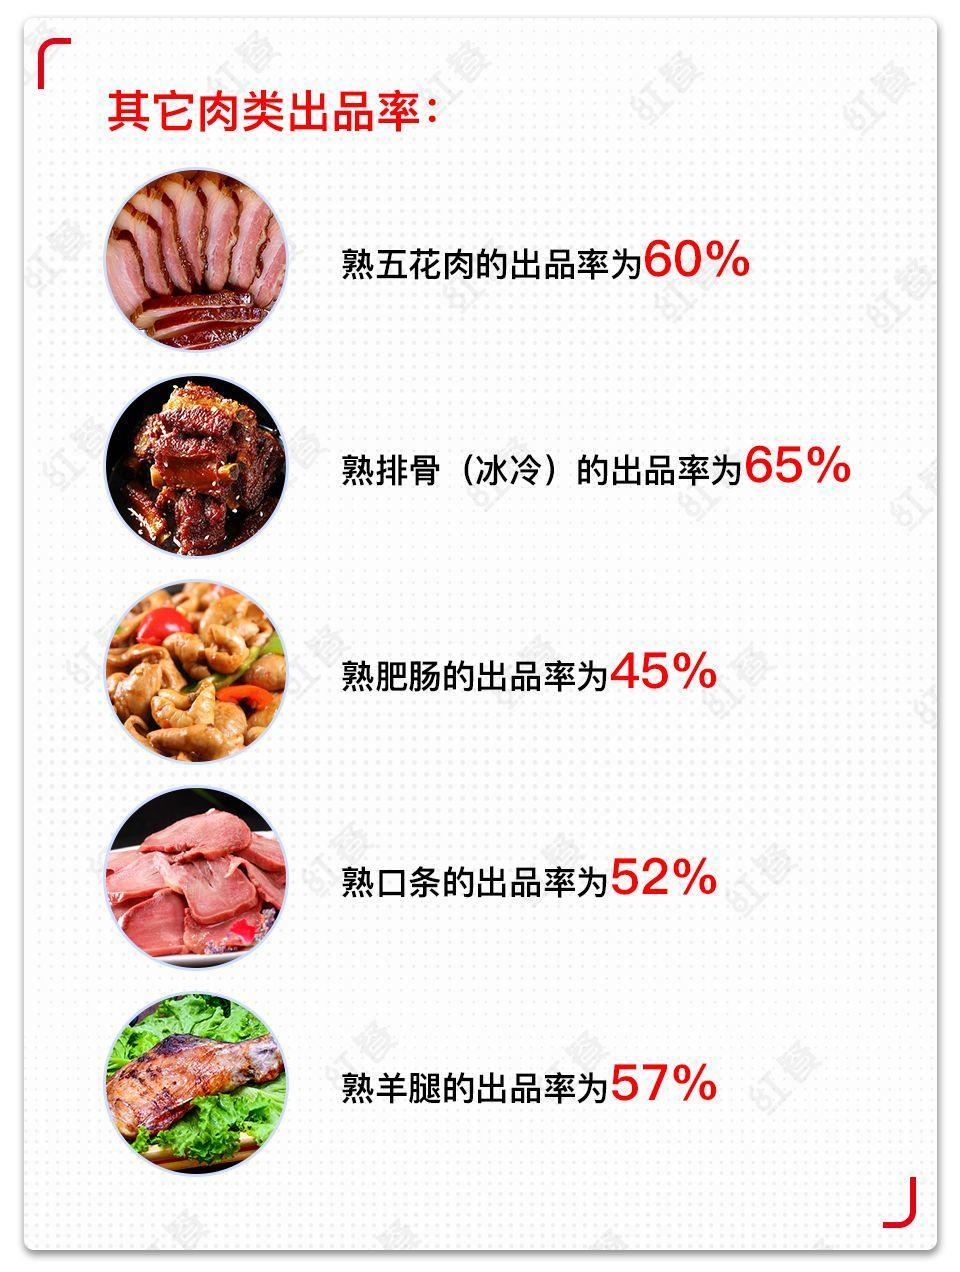 收藏!菜品成本、售价、毛利率的计算方法,做餐饮的都要懂